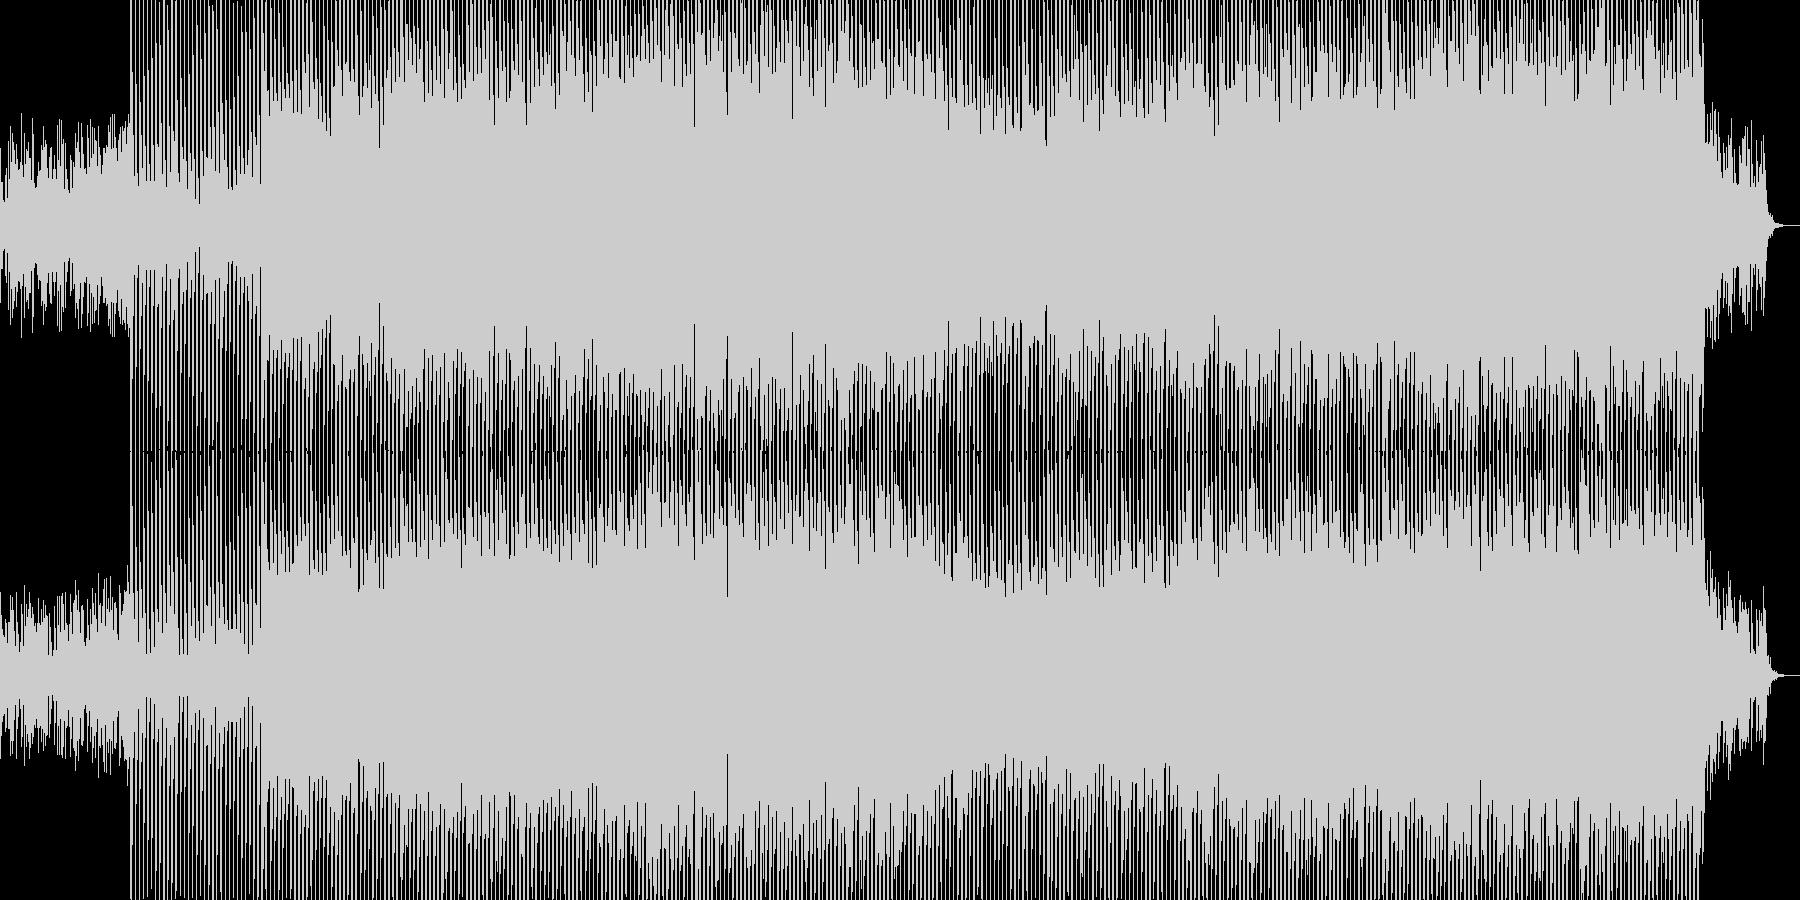 EDMクラブ系ダンスミュージック-49の未再生の波形